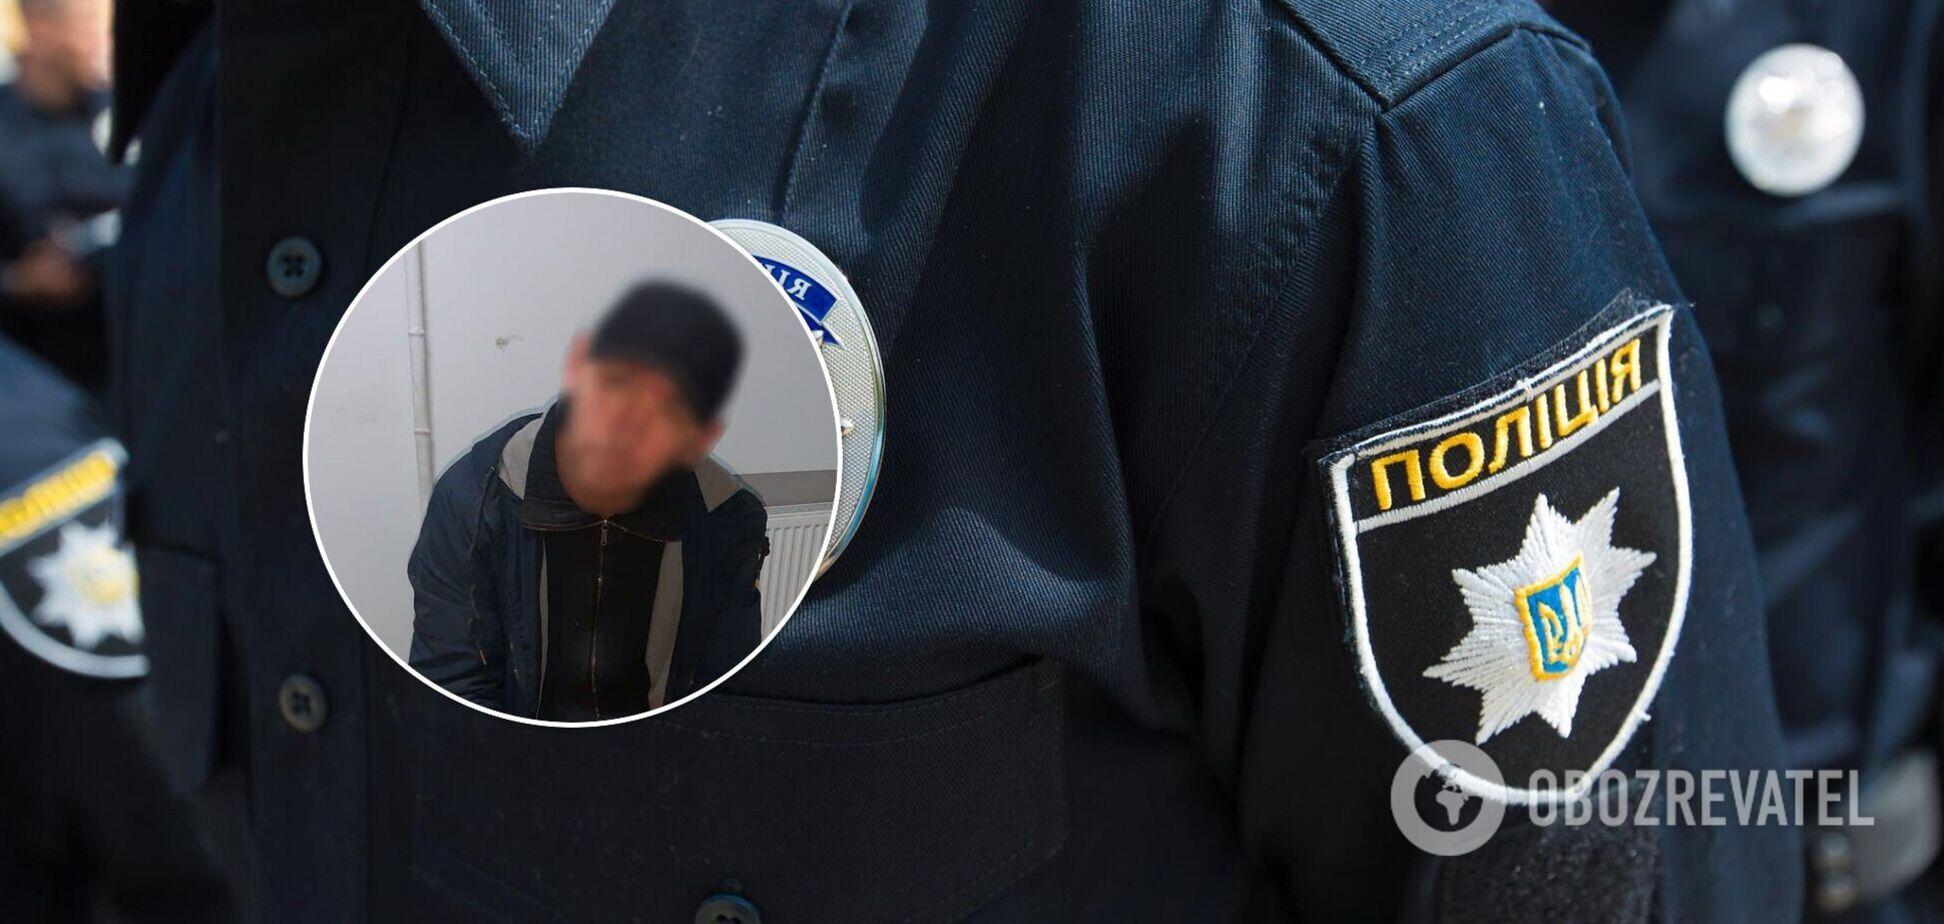 Злоумышленника задержали патрульные полицейские